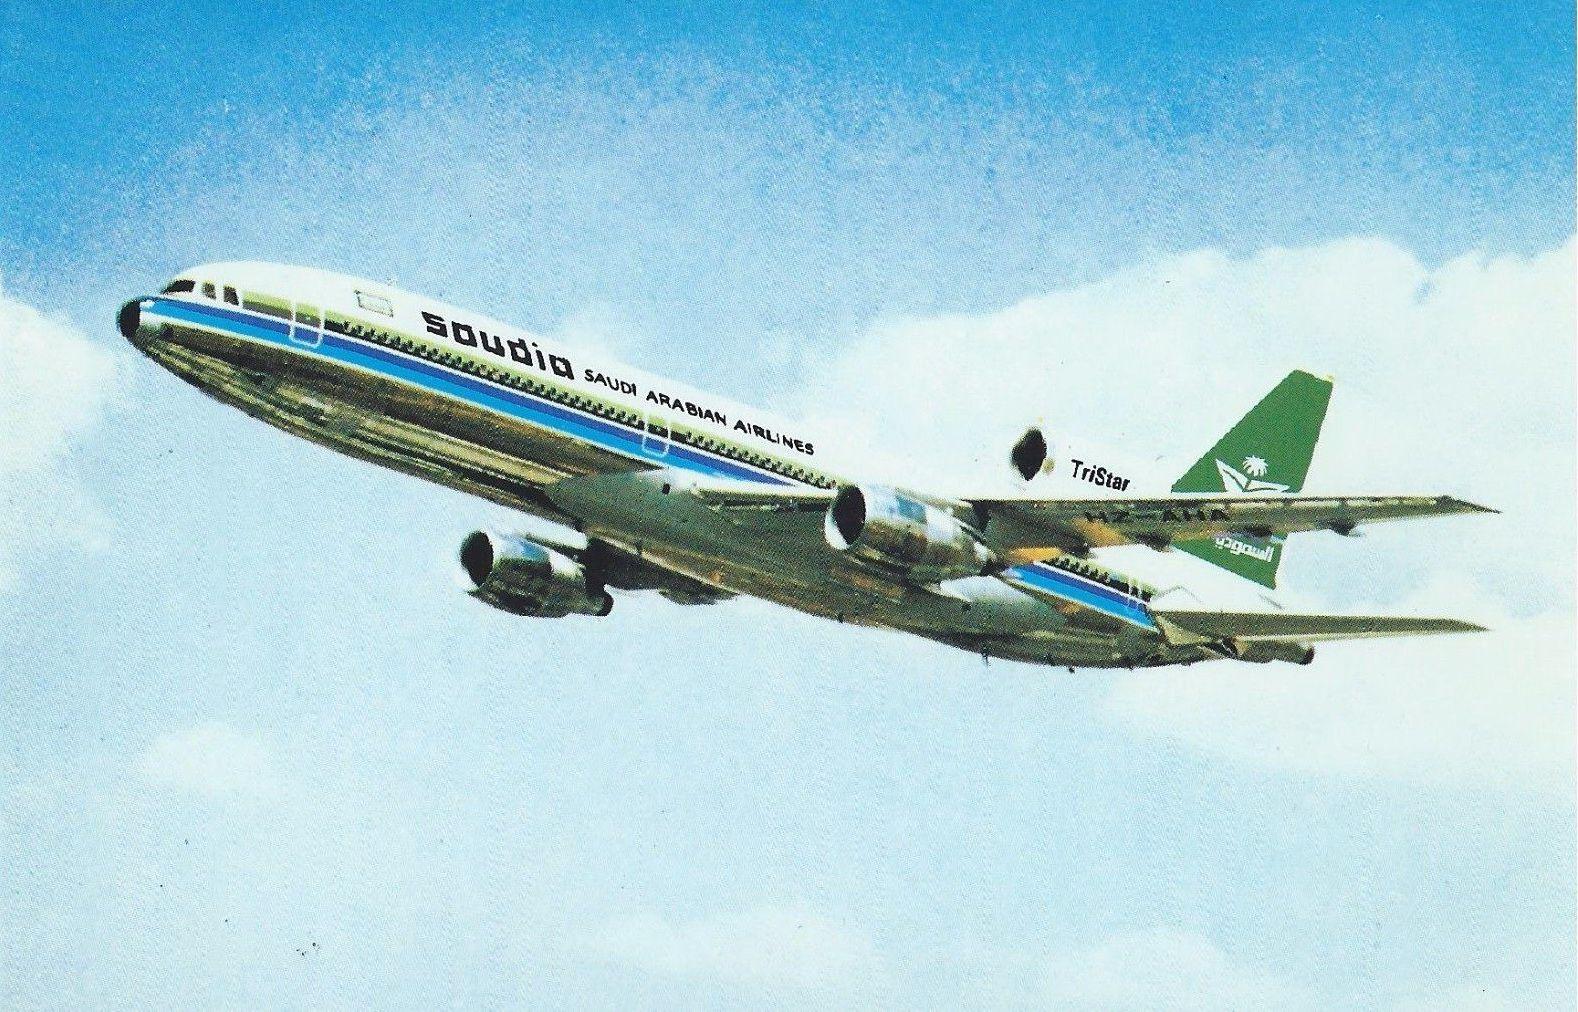 Saudia Saudi Arabian airlines Lockheed L1011 Tristar postcard